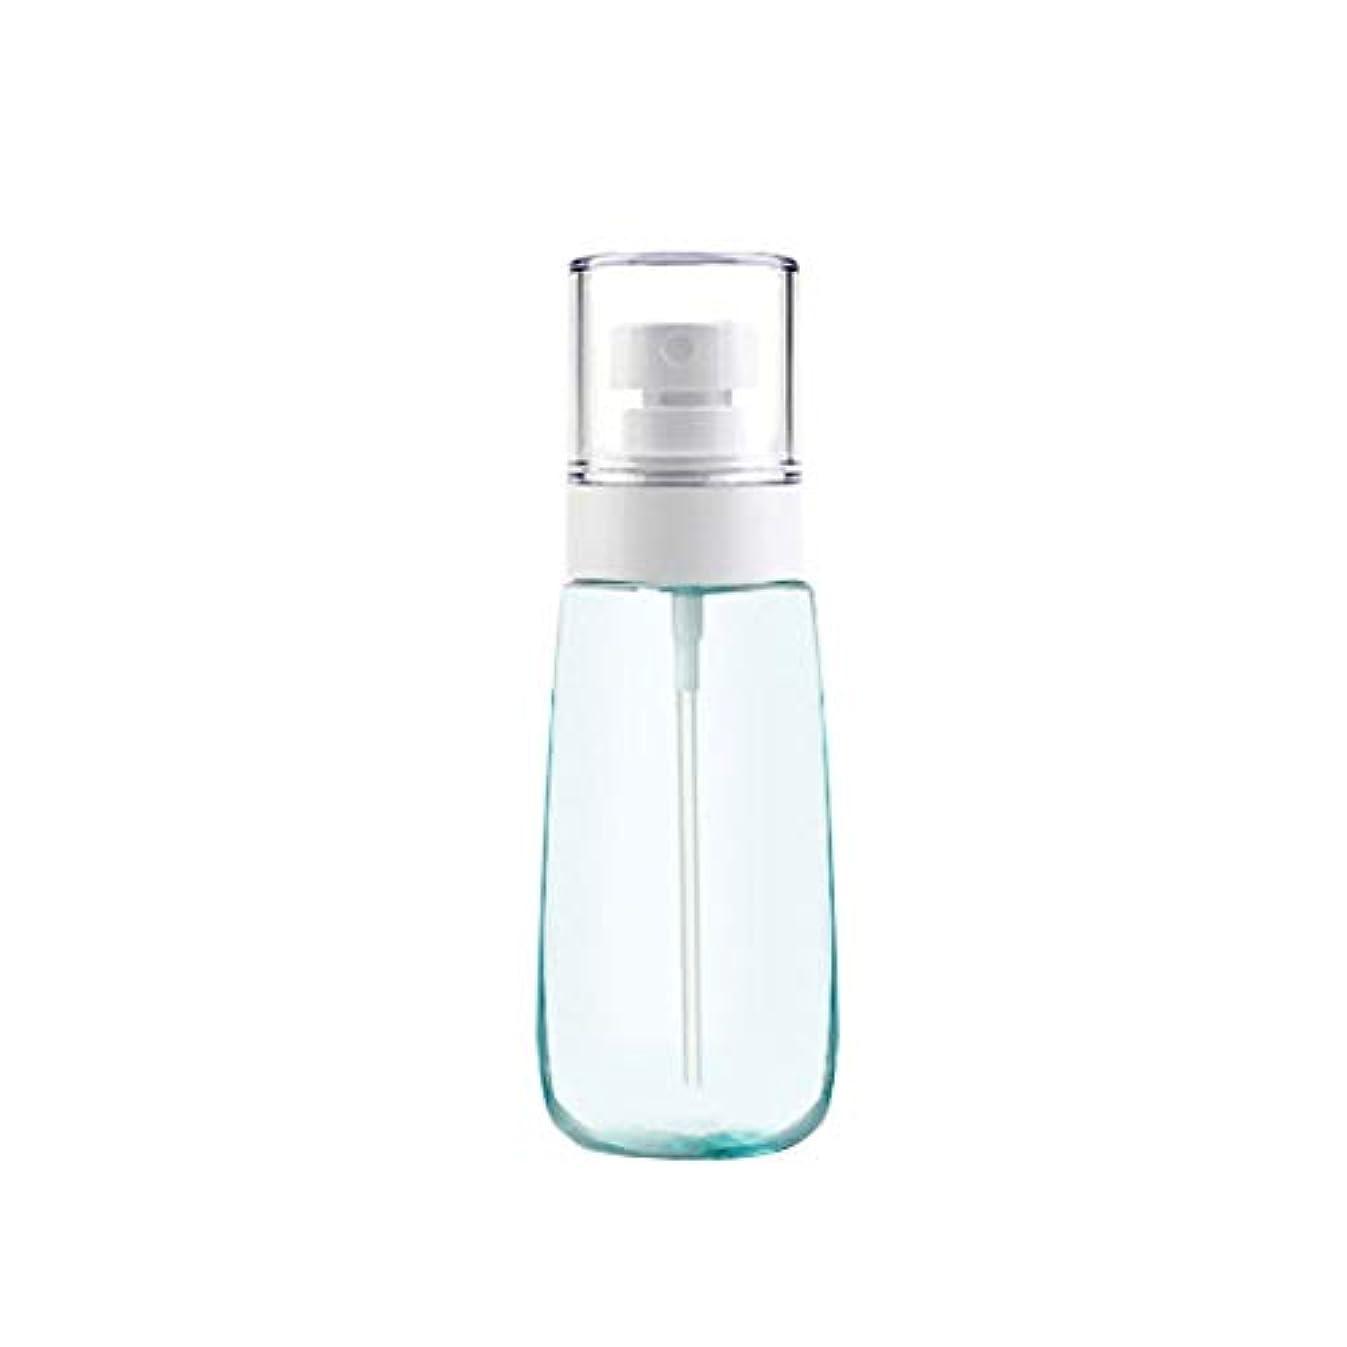 無線任意ポンペイエアレスボトル化粧品の細かいミストスプレーボトル空ボトルスプレークリアインフレータブル旅行用バッグ、化粧品スキンローション香水2オンス(青)